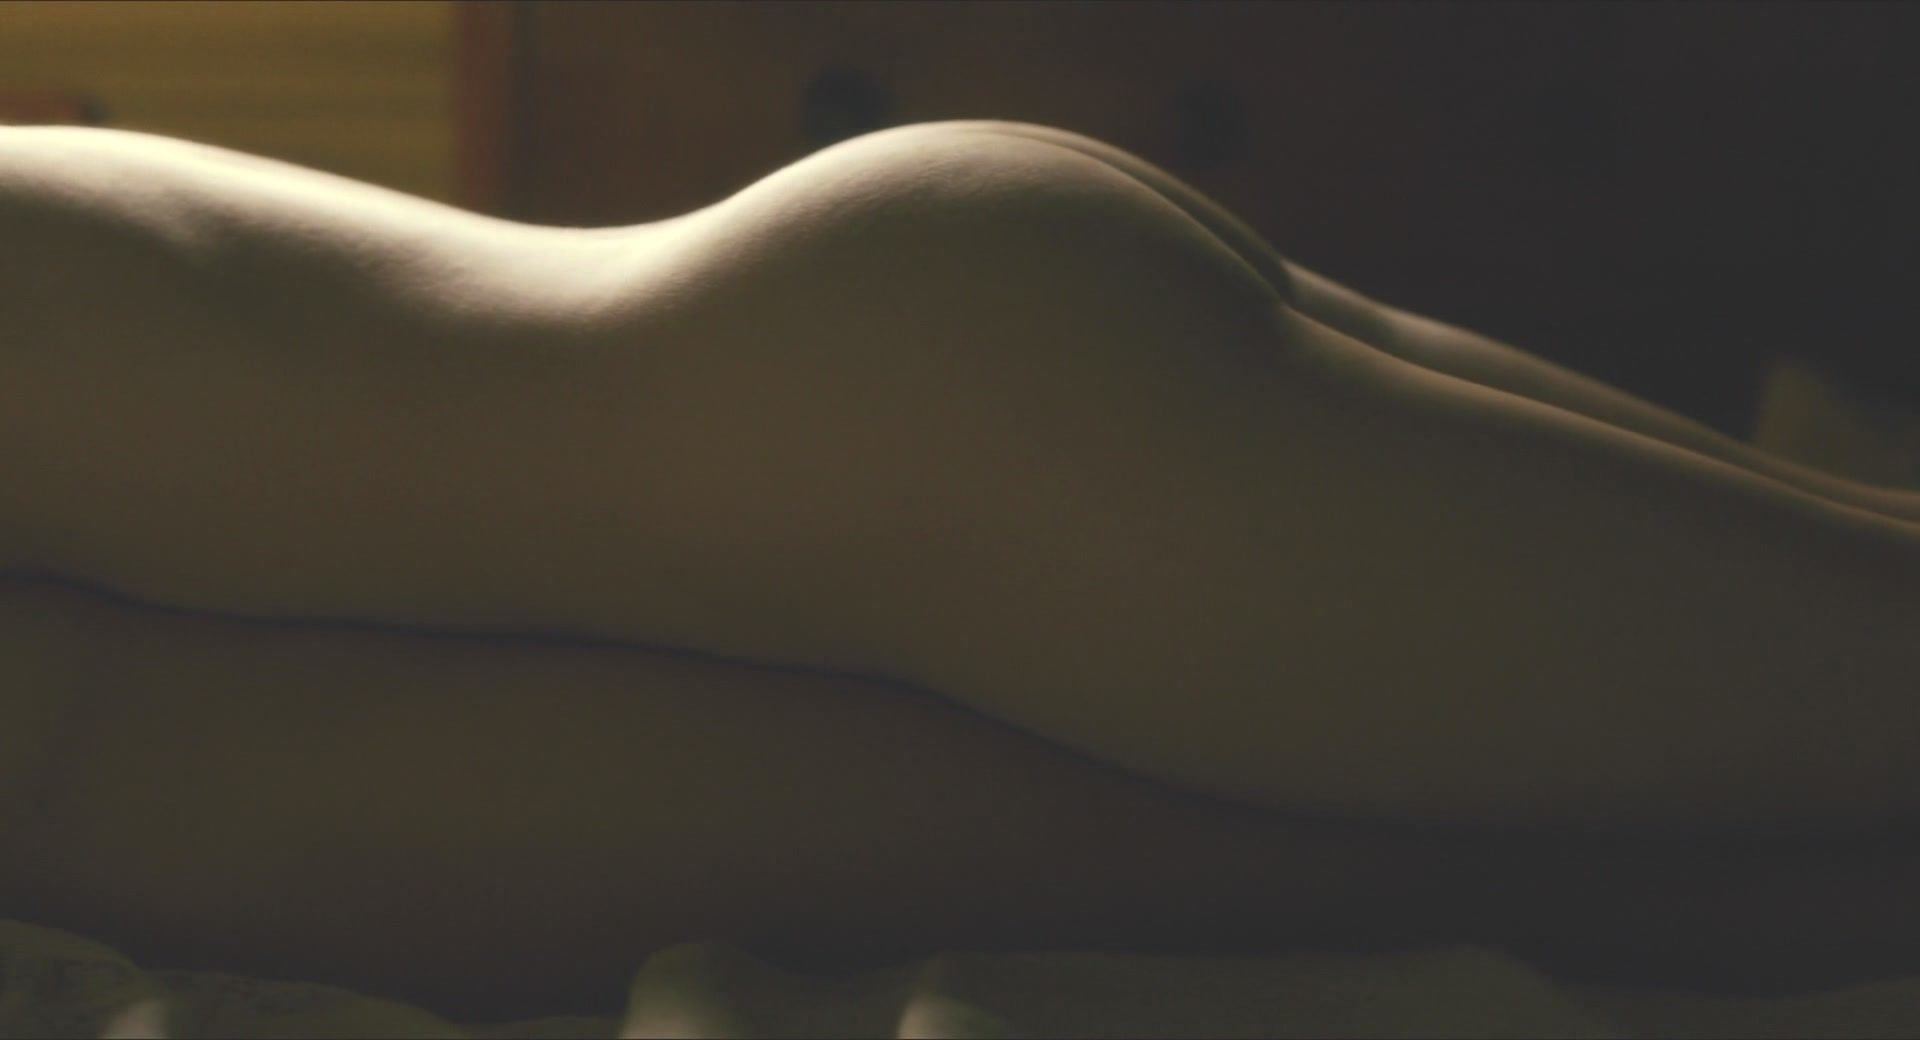 tscharre nude